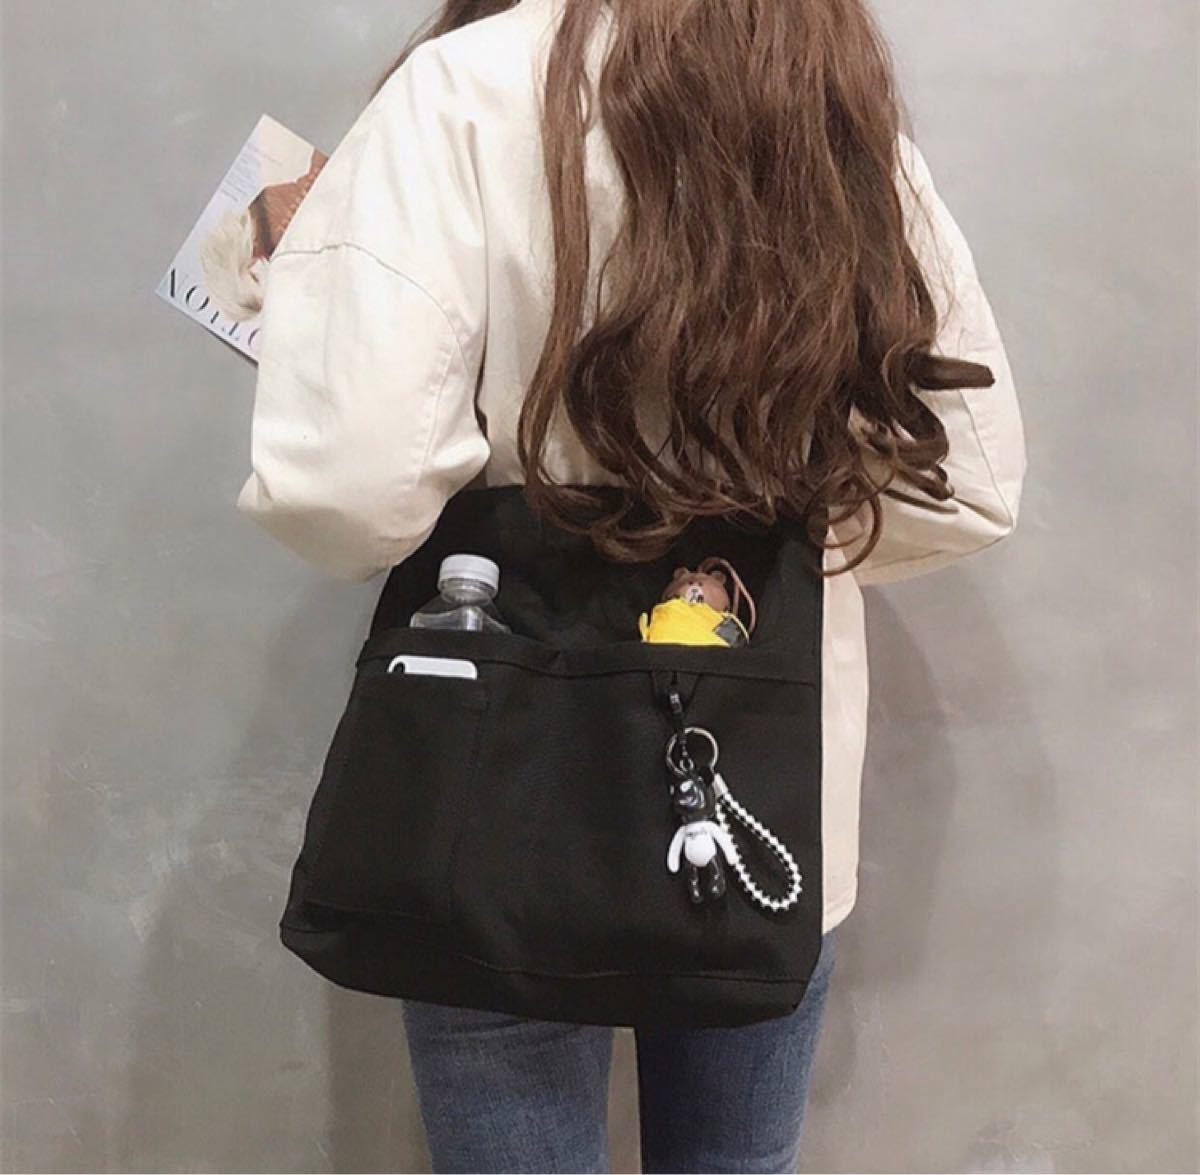 ショルダーバッグ トートバッグ マザーズバッグ エコバッグ 韓国ファッション ブラック 帆布 レディース メンズ 新品未使用